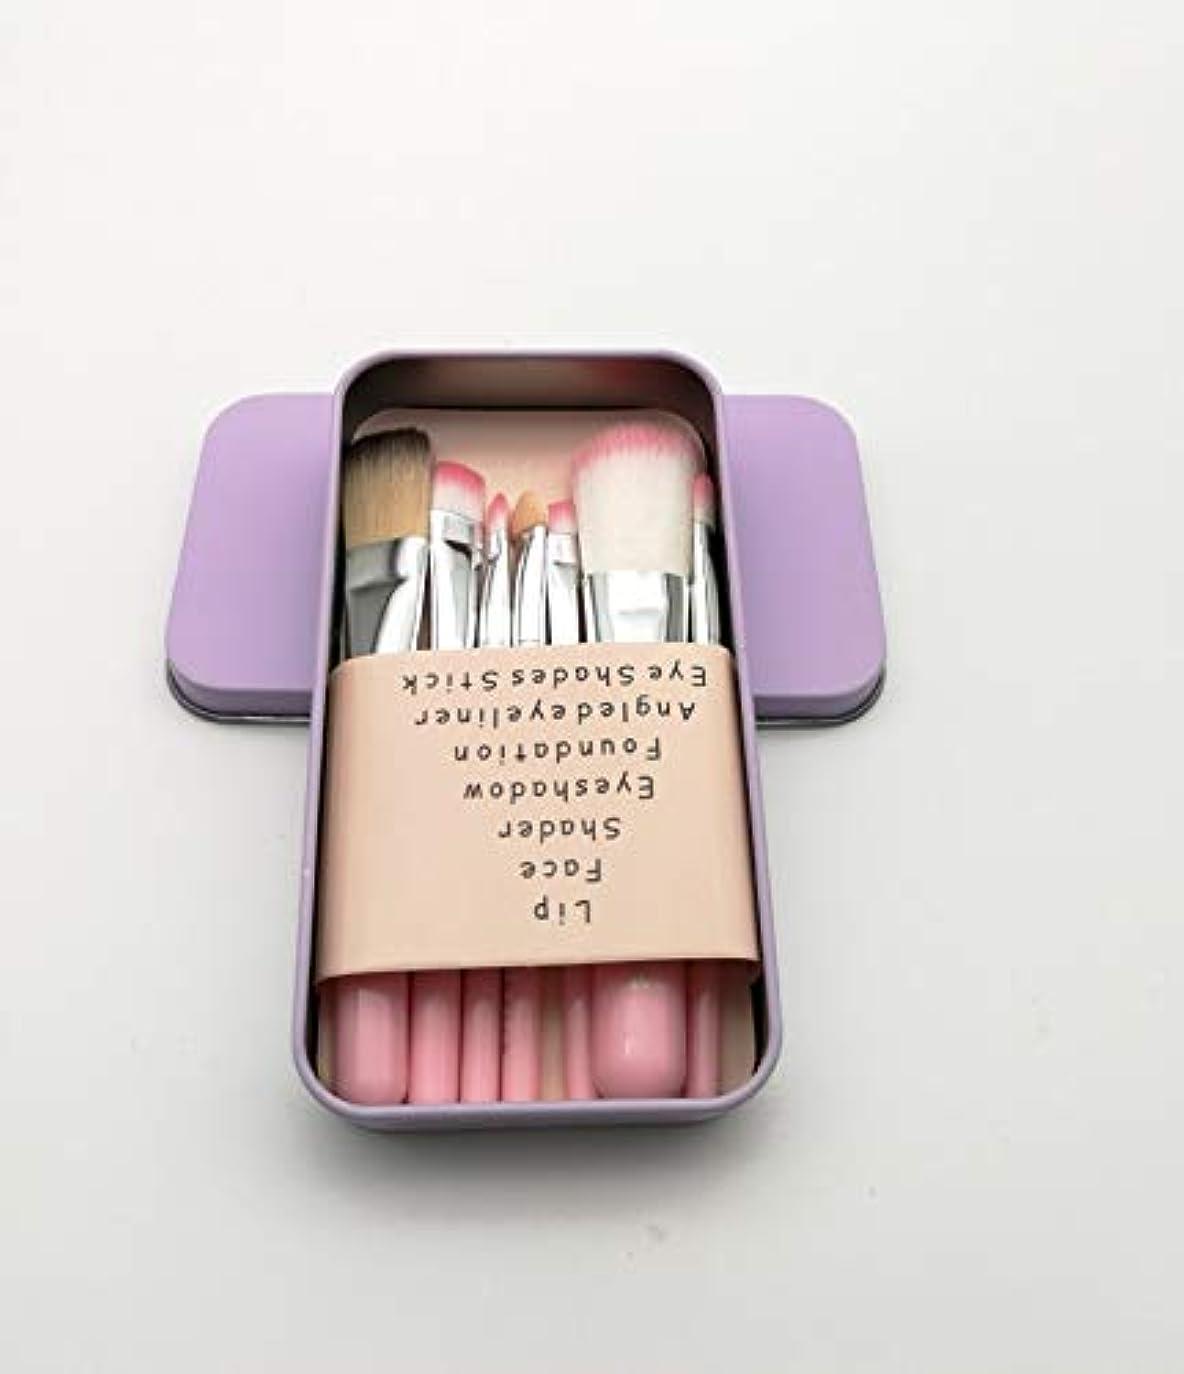 責めやめる素子化粧ブラシセット、ピンク7化粧ブラシ化粧ブラシセットアイシャドウブラシリップブラシ美容化粧道具